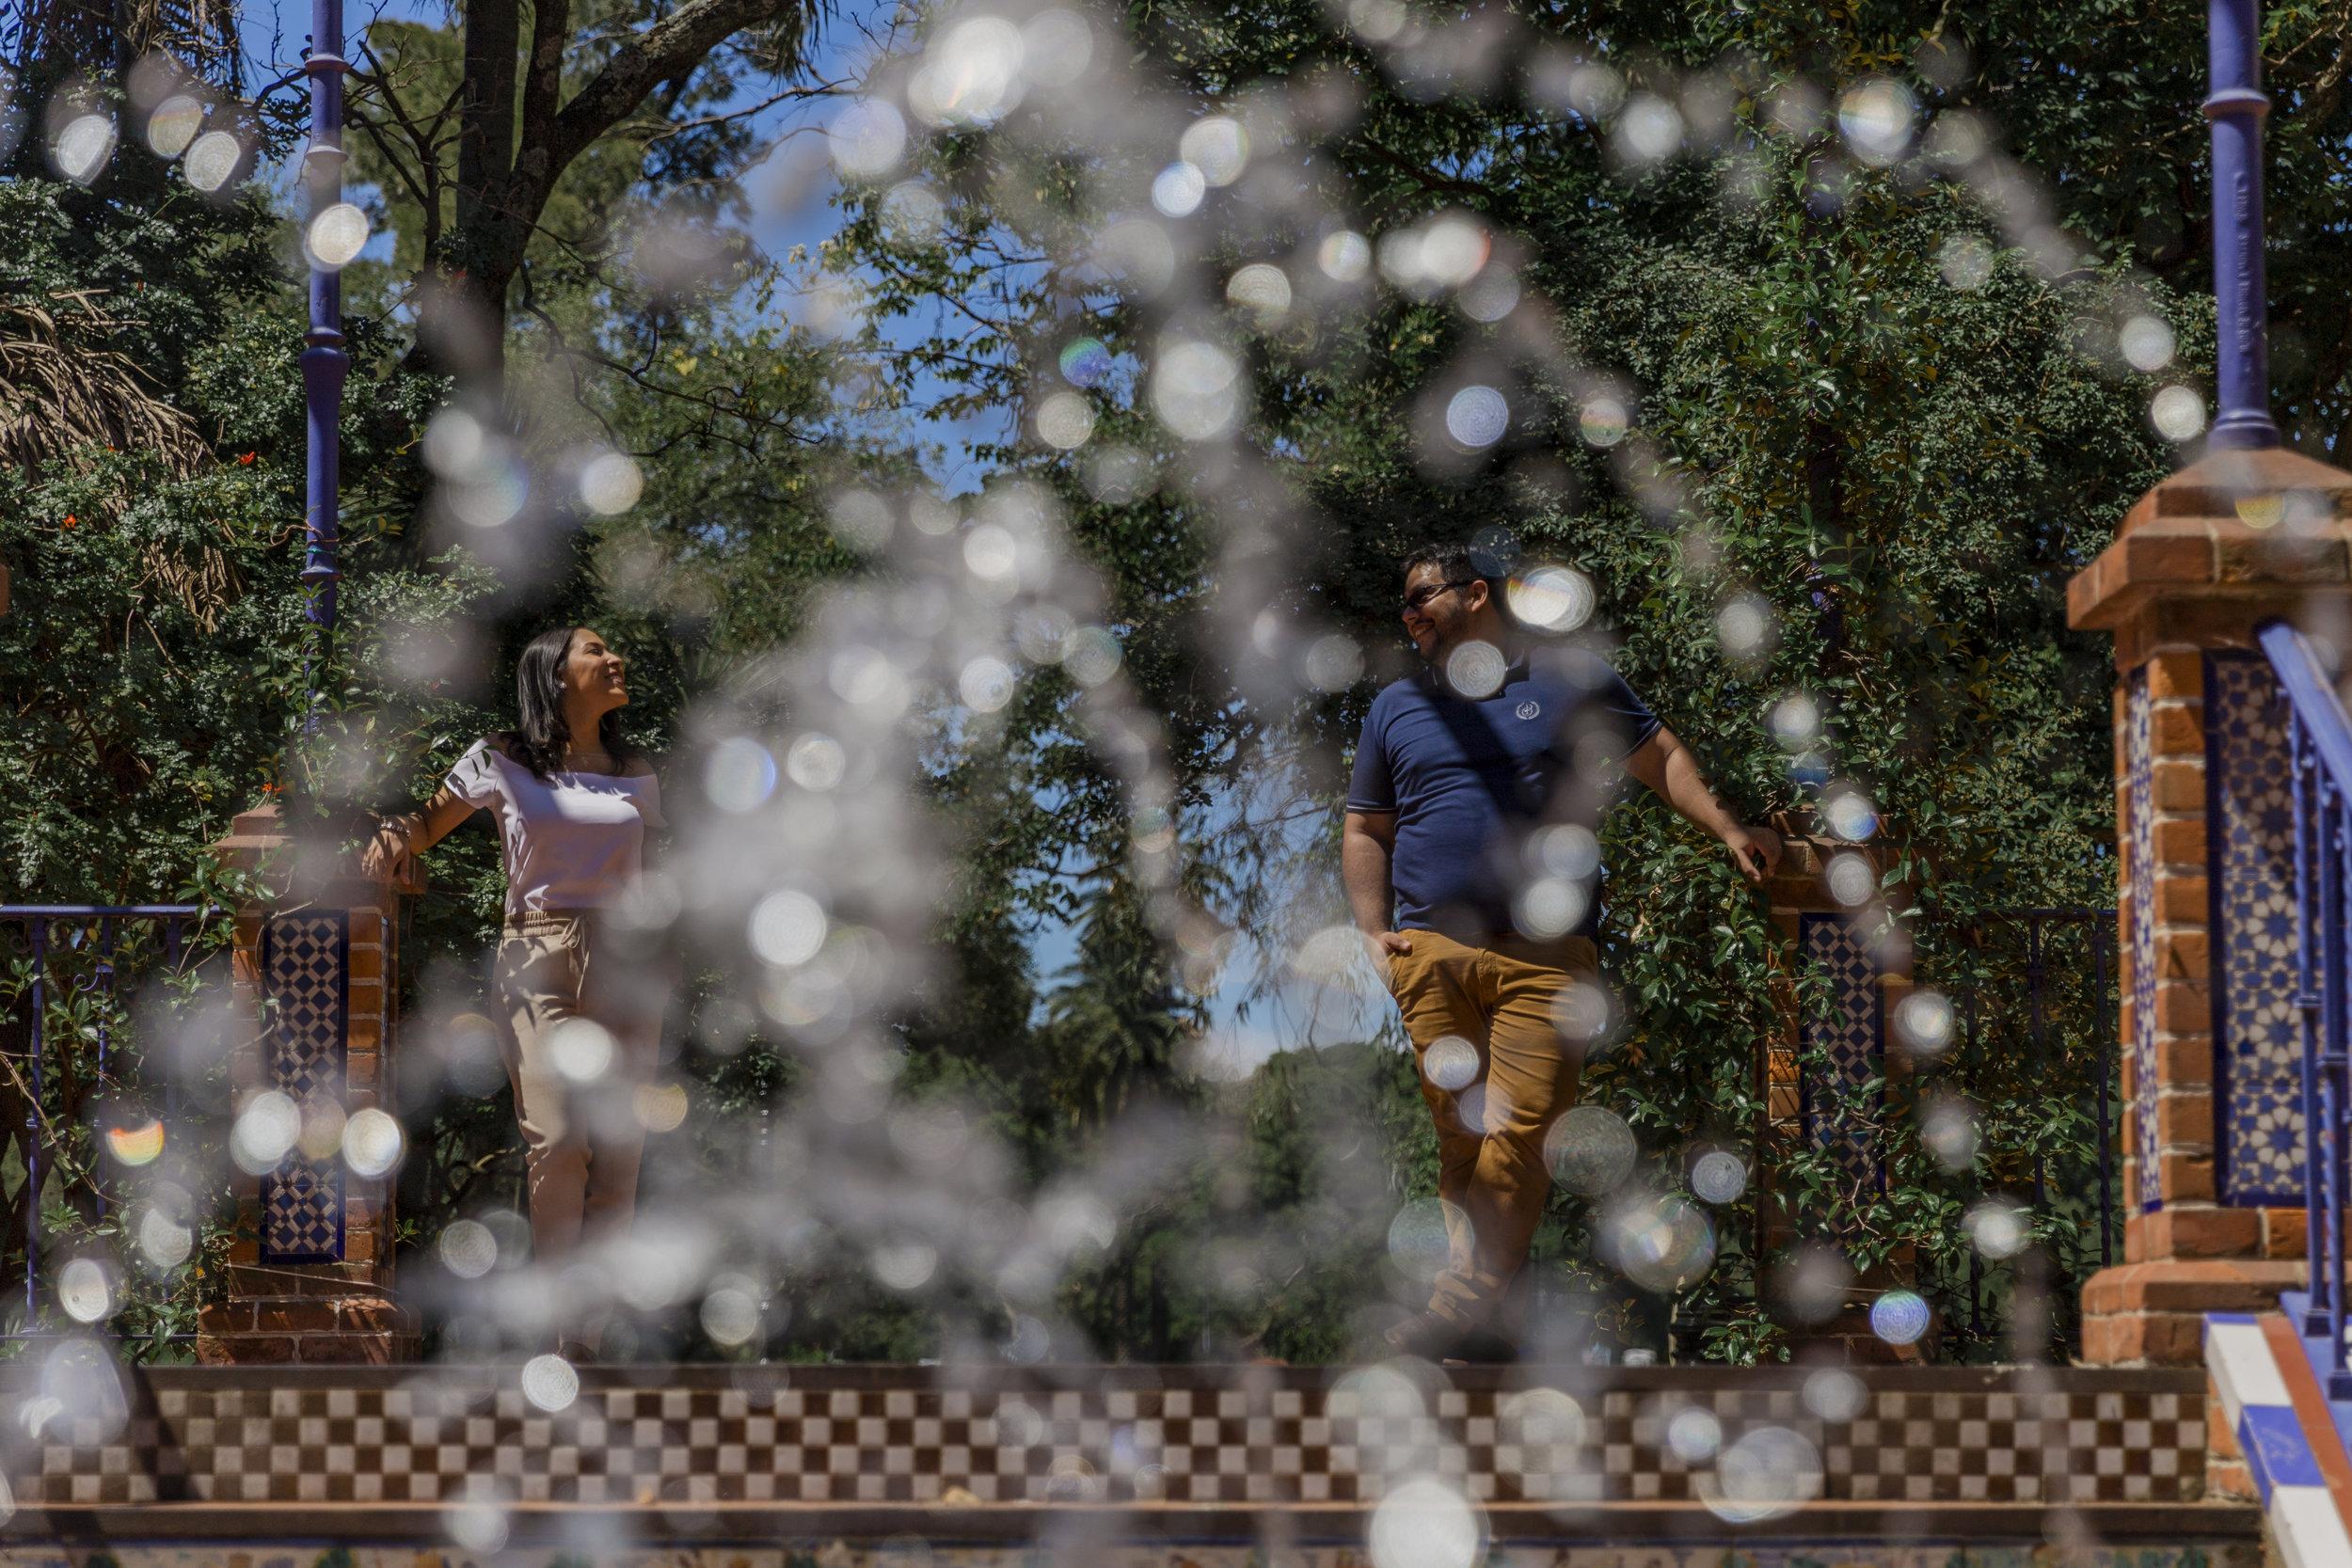 fotografo-brasileiro-em-buenos-aires-5575.jpg